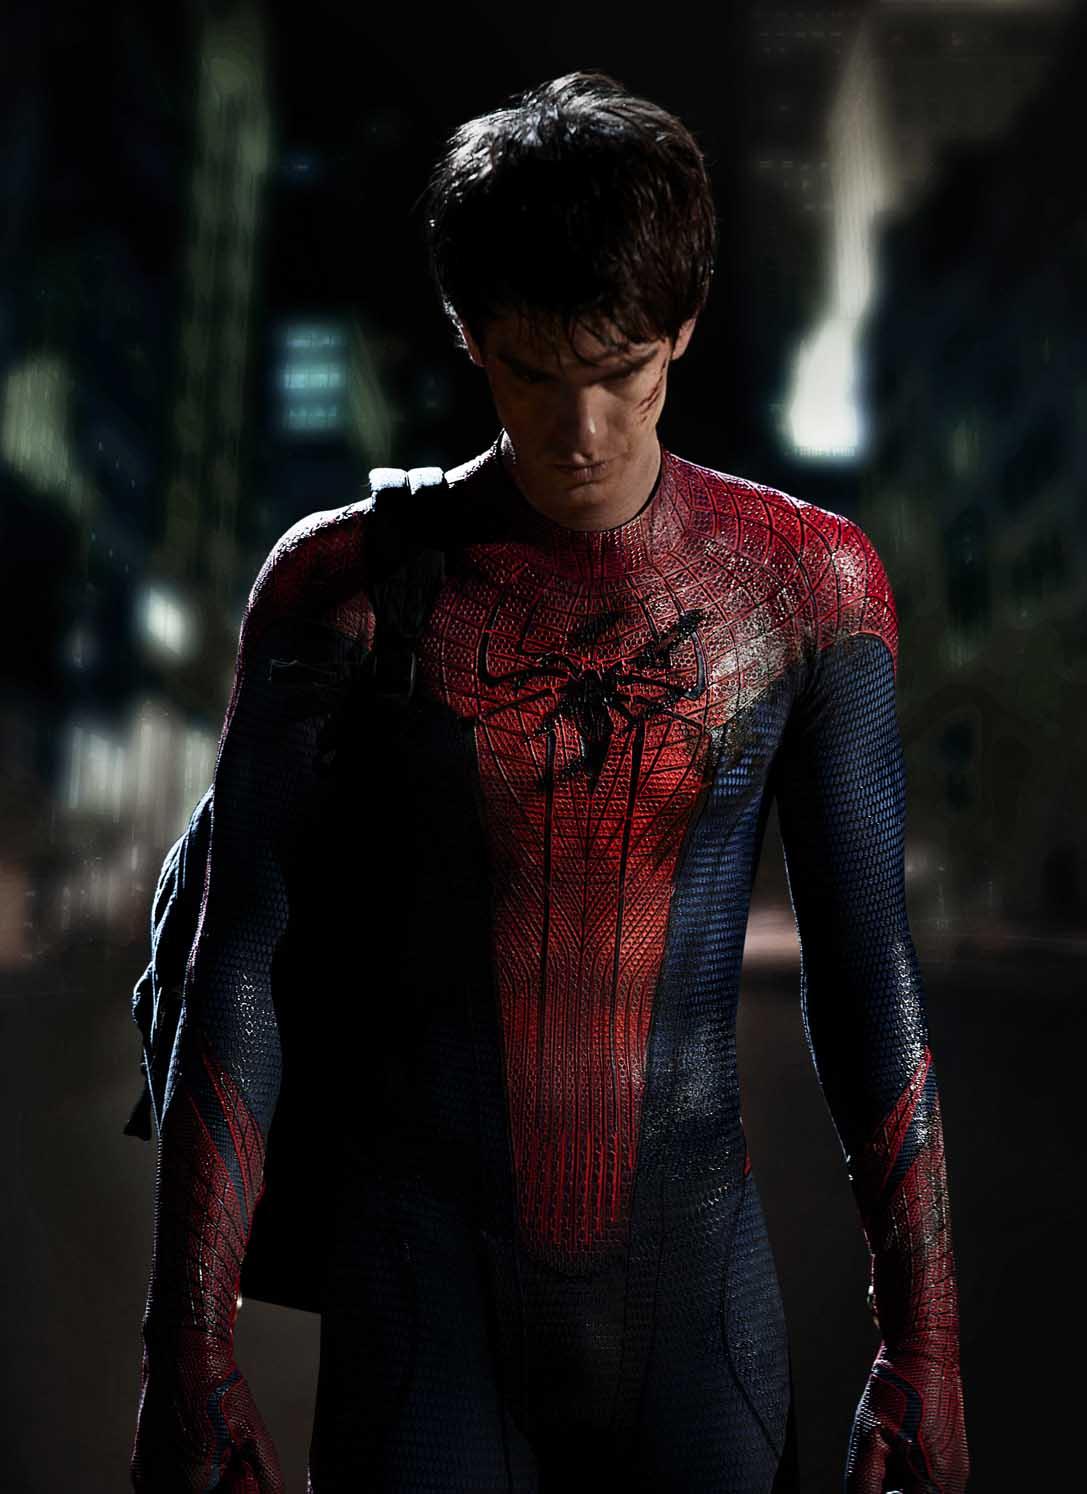 http://4.bp.blogspot.com/_ZjyPzfb6UT4/TS_jO8QKHKI/AAAAAAAAL8E/ctvOdFQFEaM/s1600/spider-man+new+costume+andrew+garfield.jpg